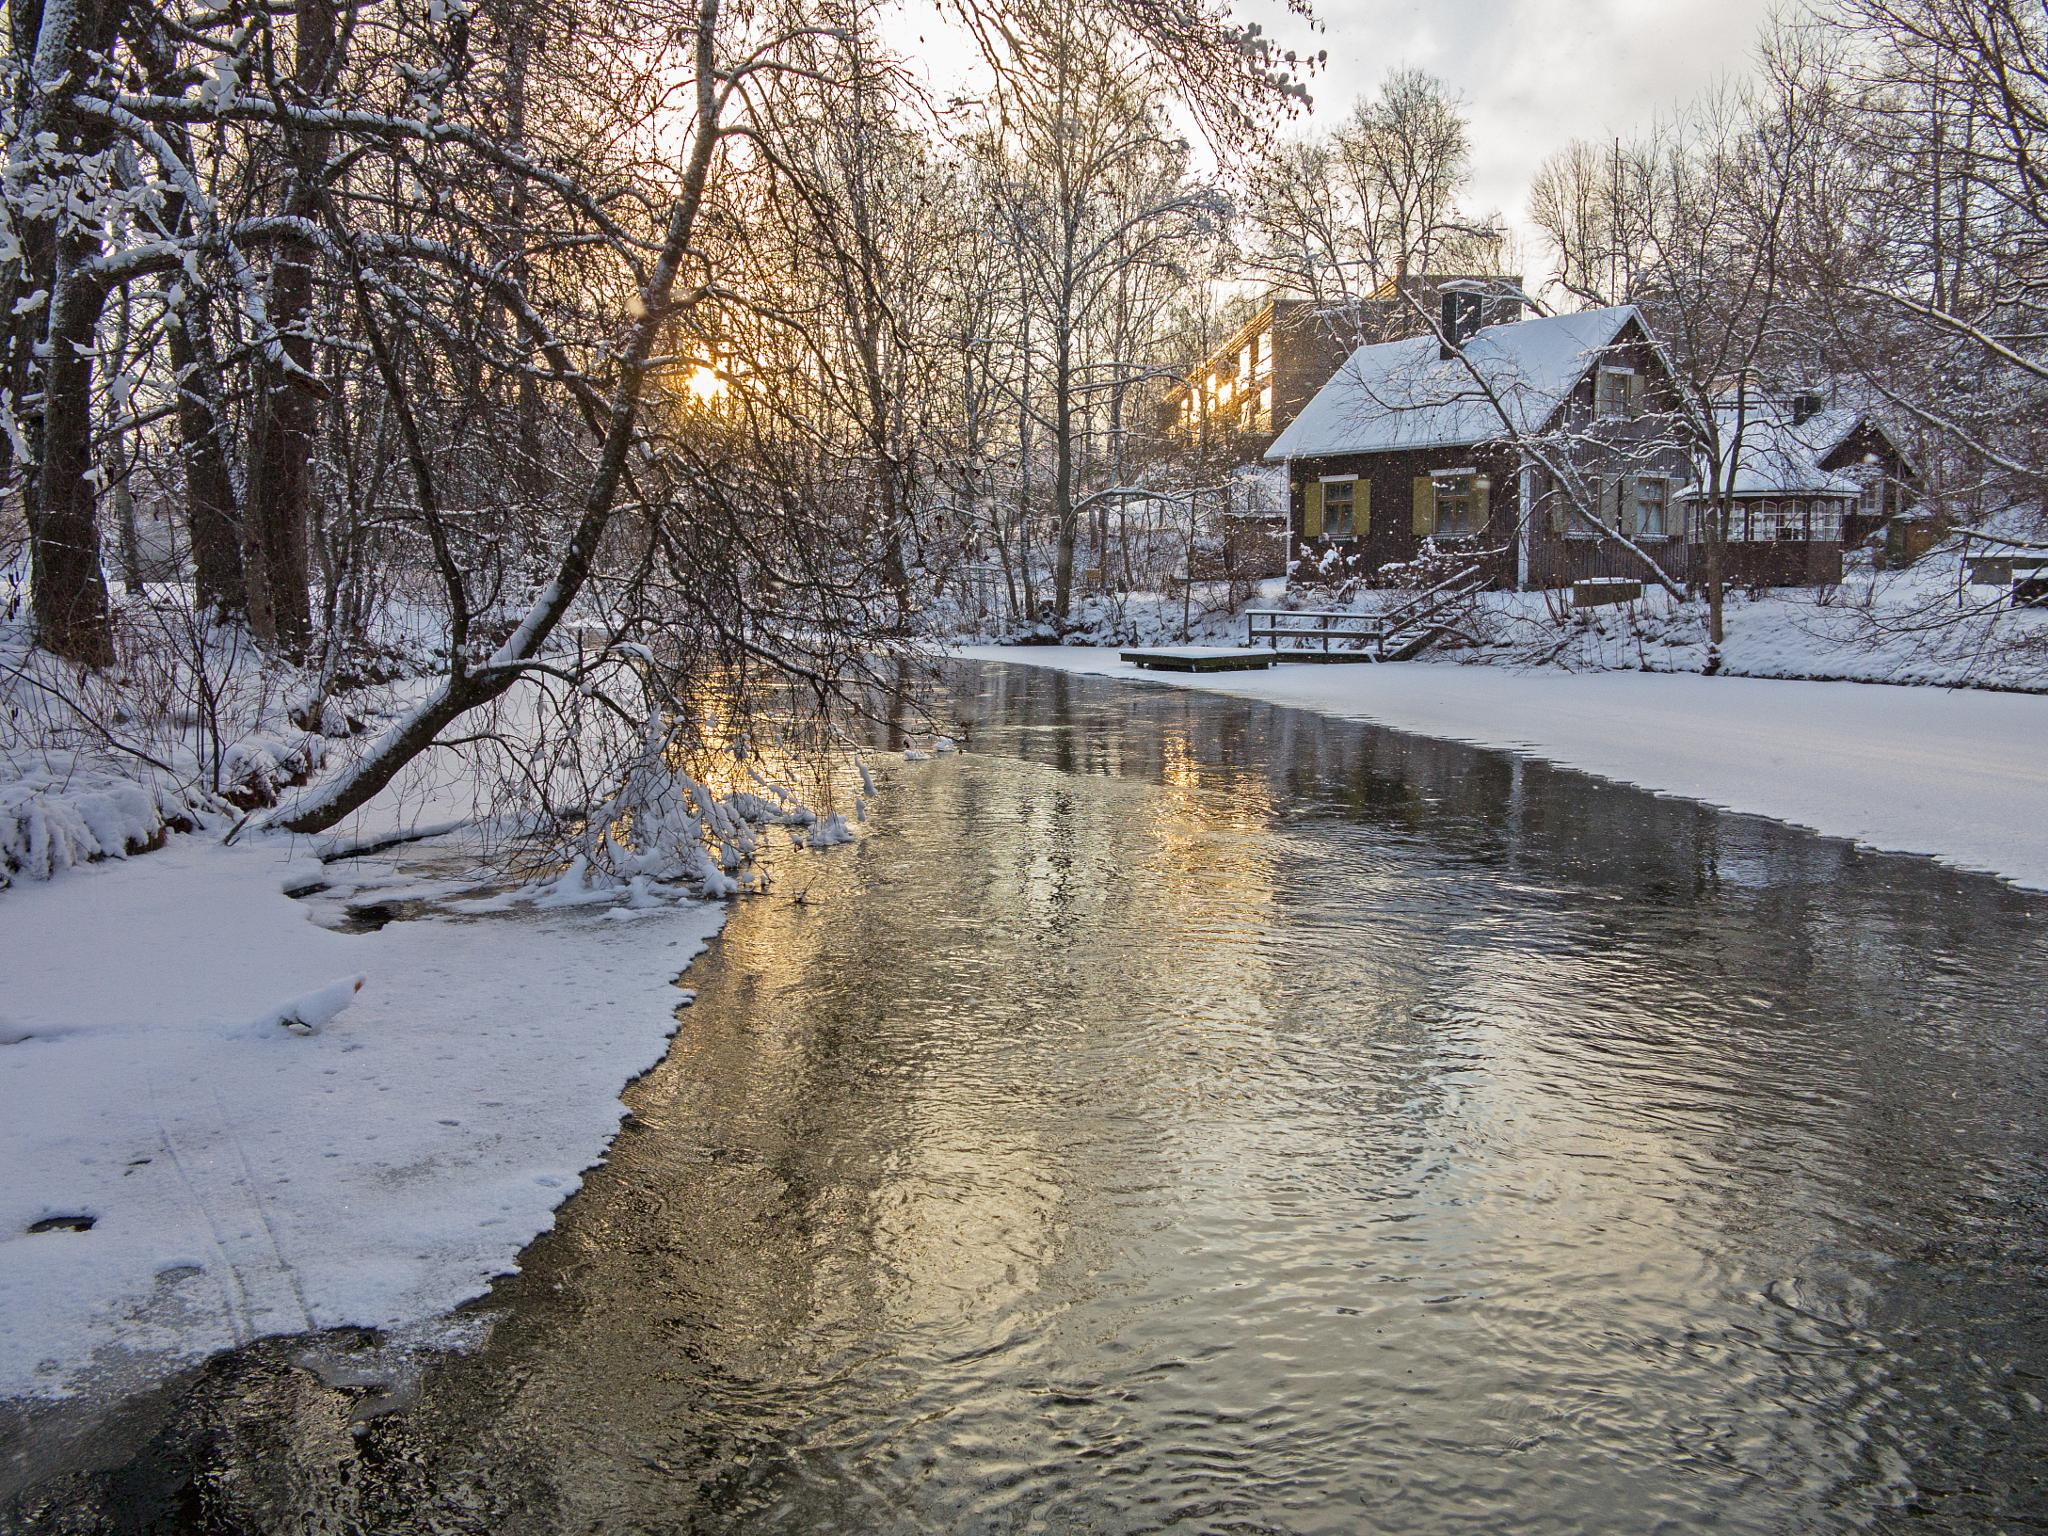 Golden river by HeikkiHAtMAN PHOTOGRAPHY